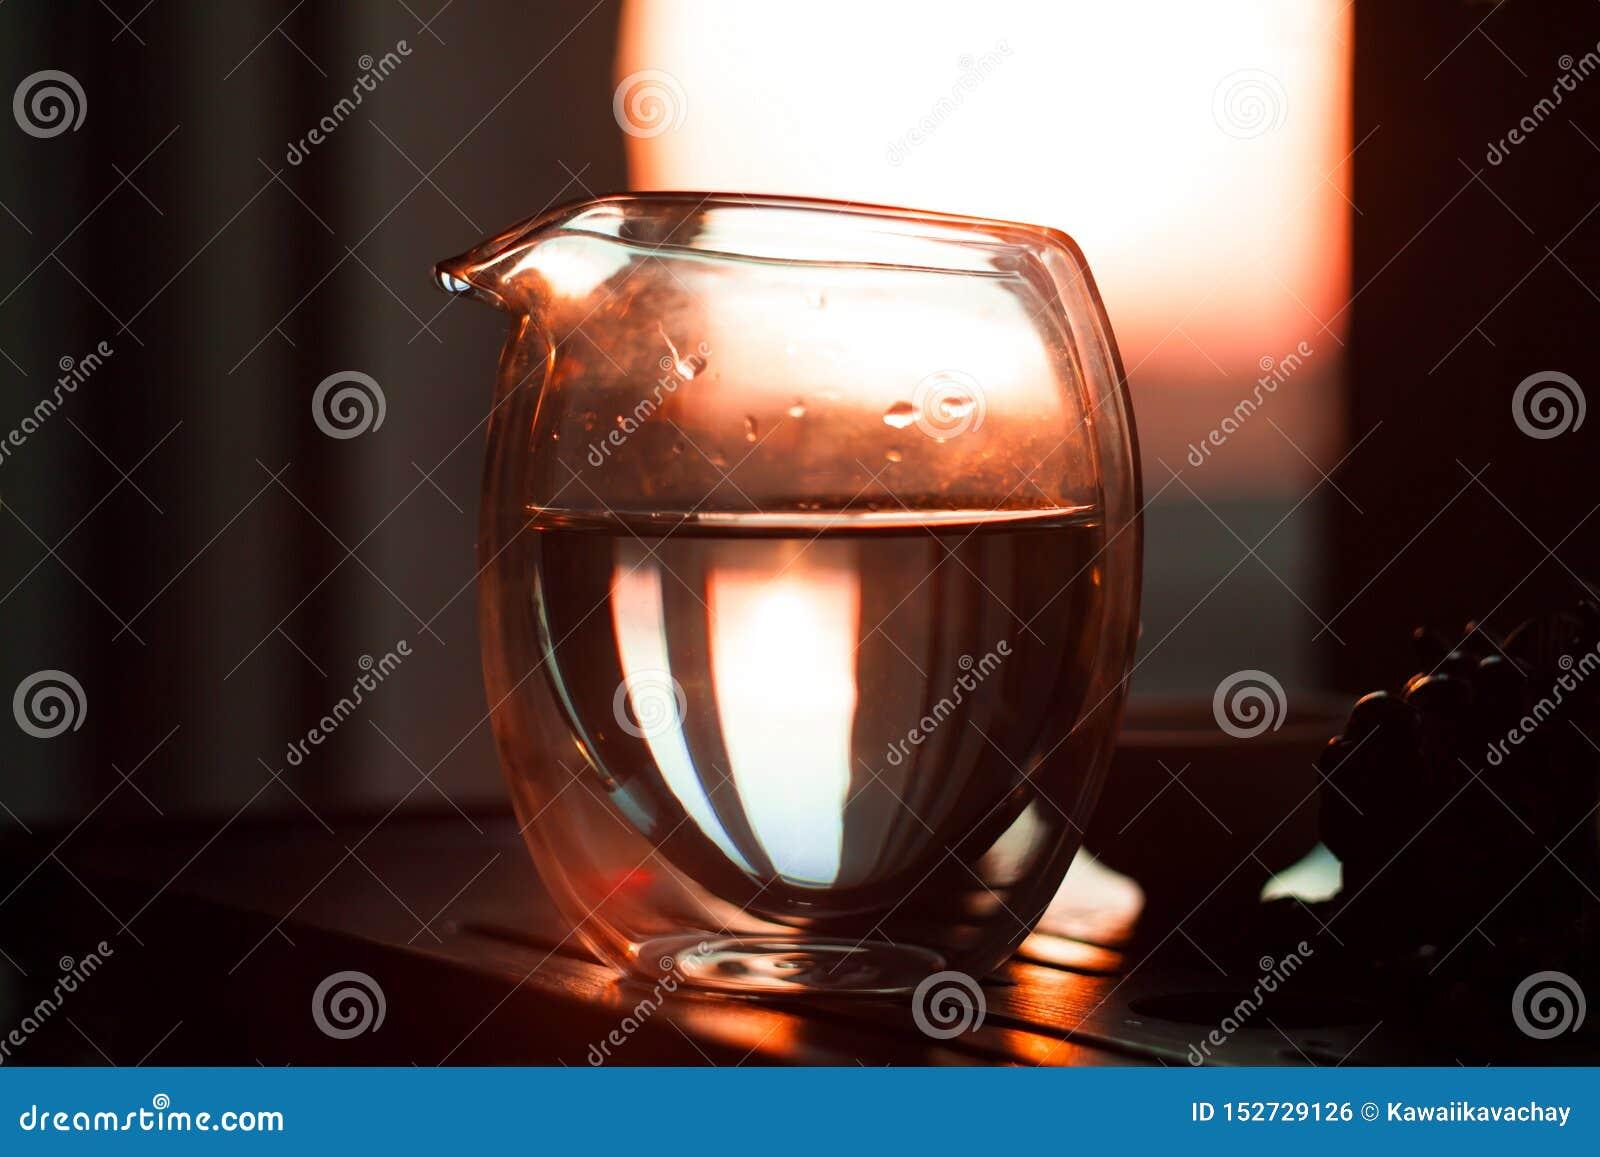 Glaspitcher heißer Tee auf Holztisch auf dem Hintergrund des schönen Sonnenuntergangs mit Sonnenstrahlen